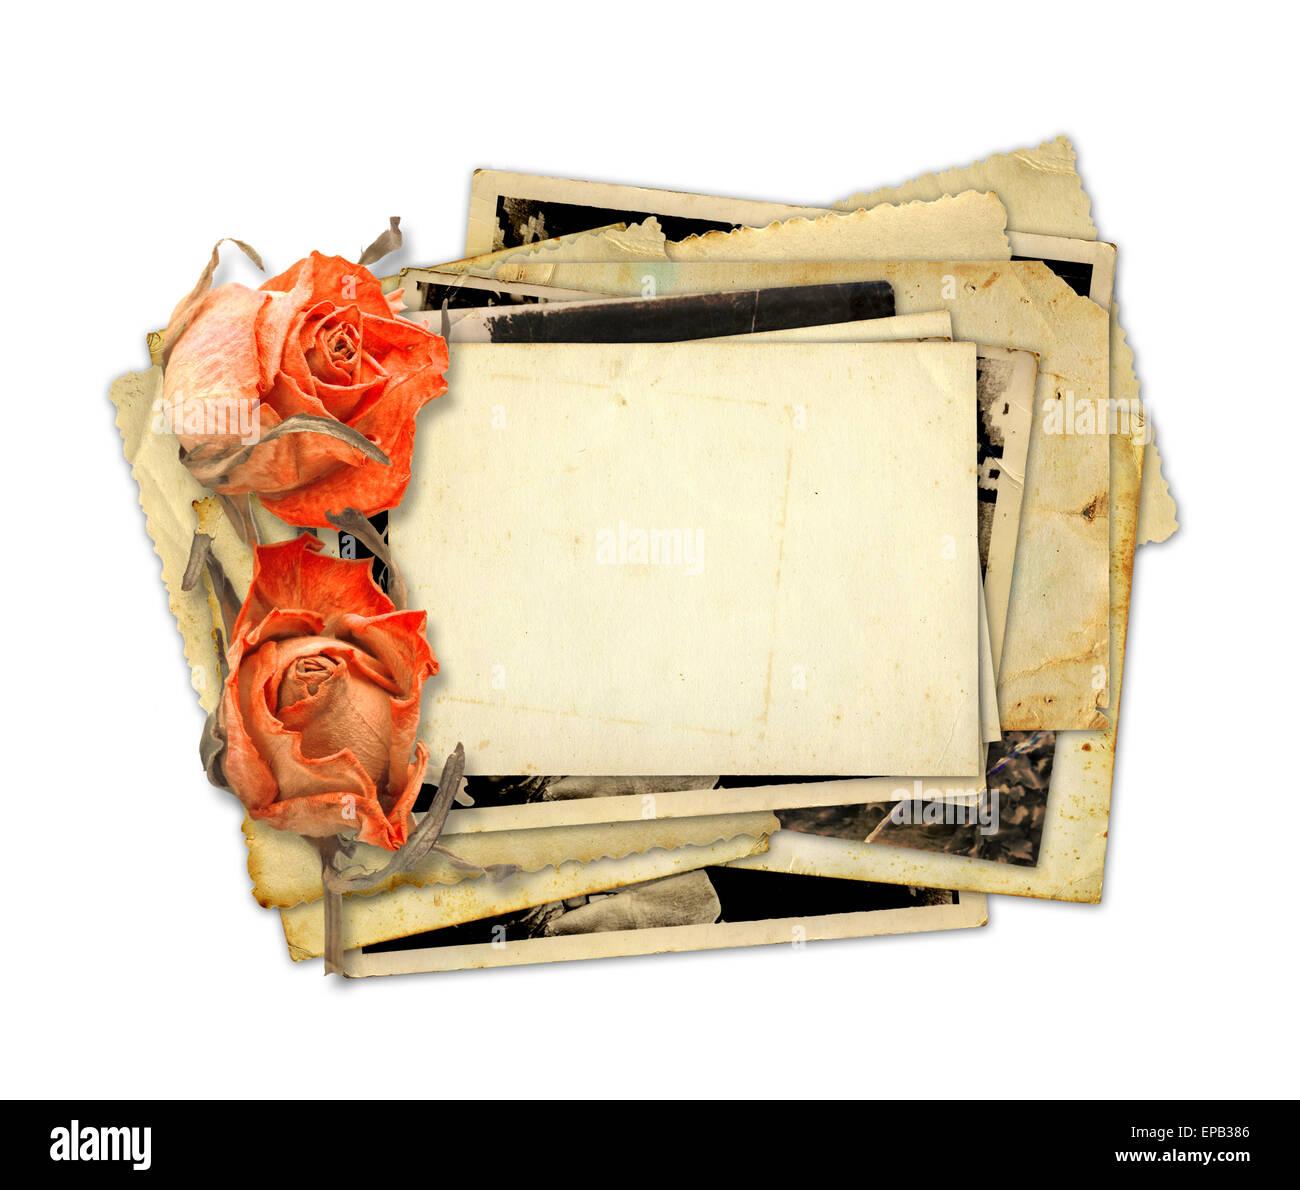 Briefe Mit Häftlingen : Haufen von alten fotos und briefe mit bouquet